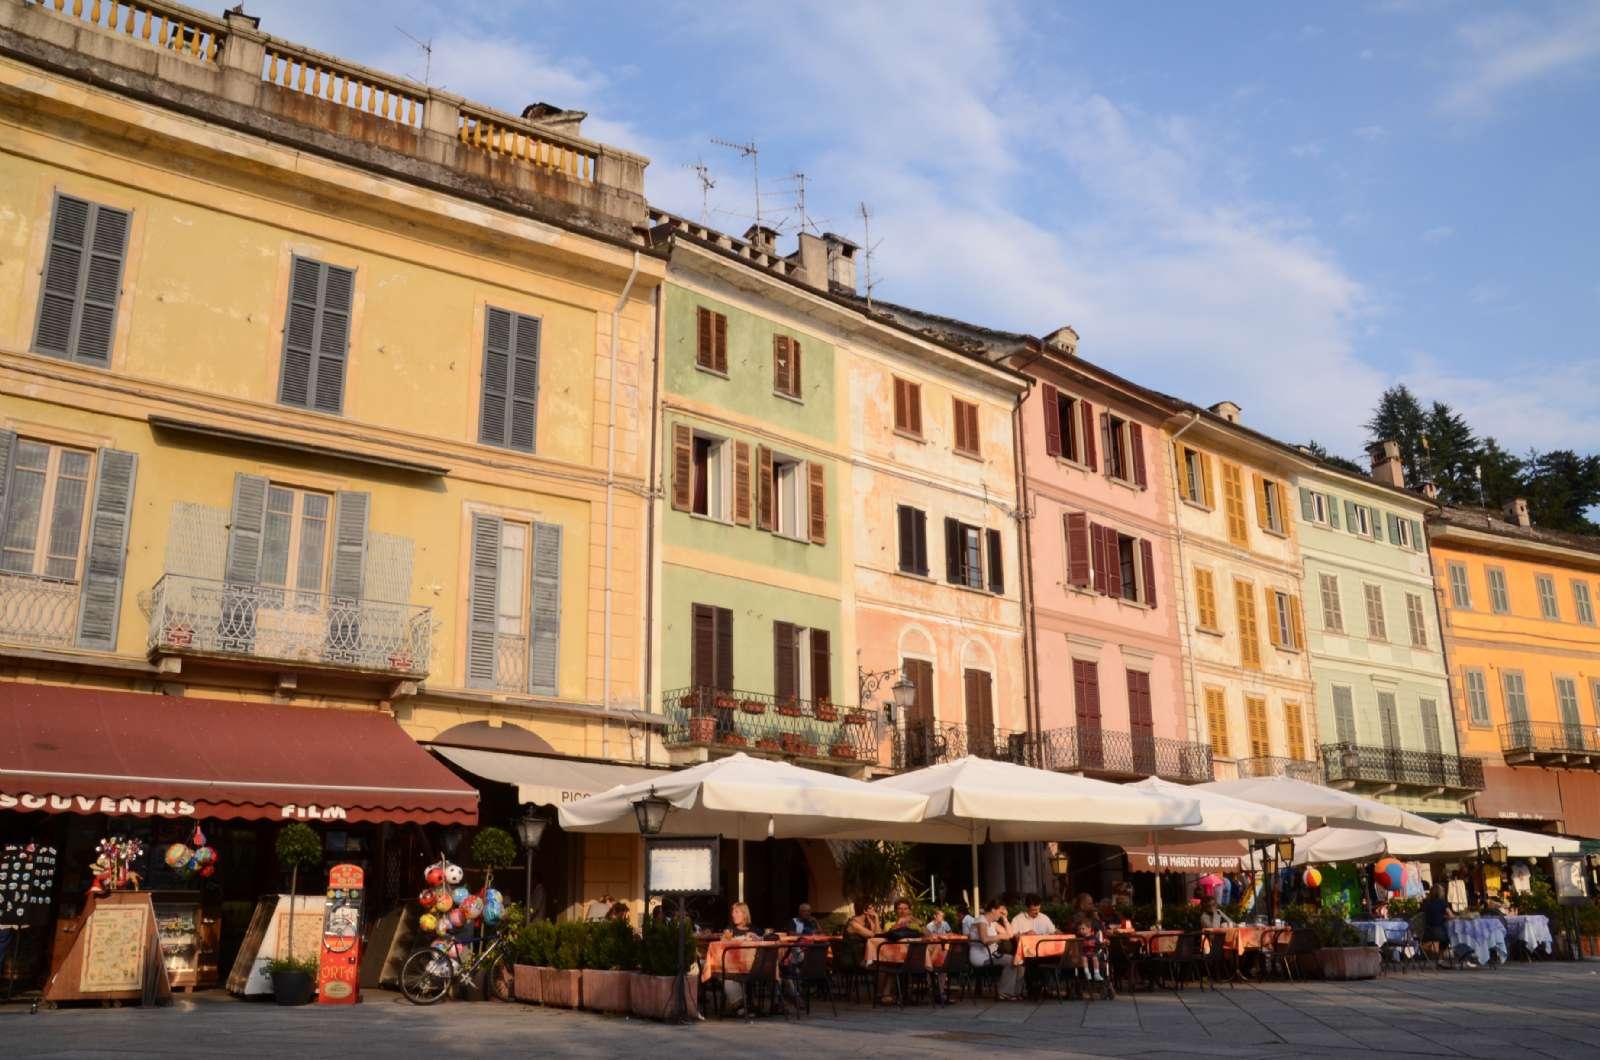 Piazza Motta med kaffebar, restauranger och butiker